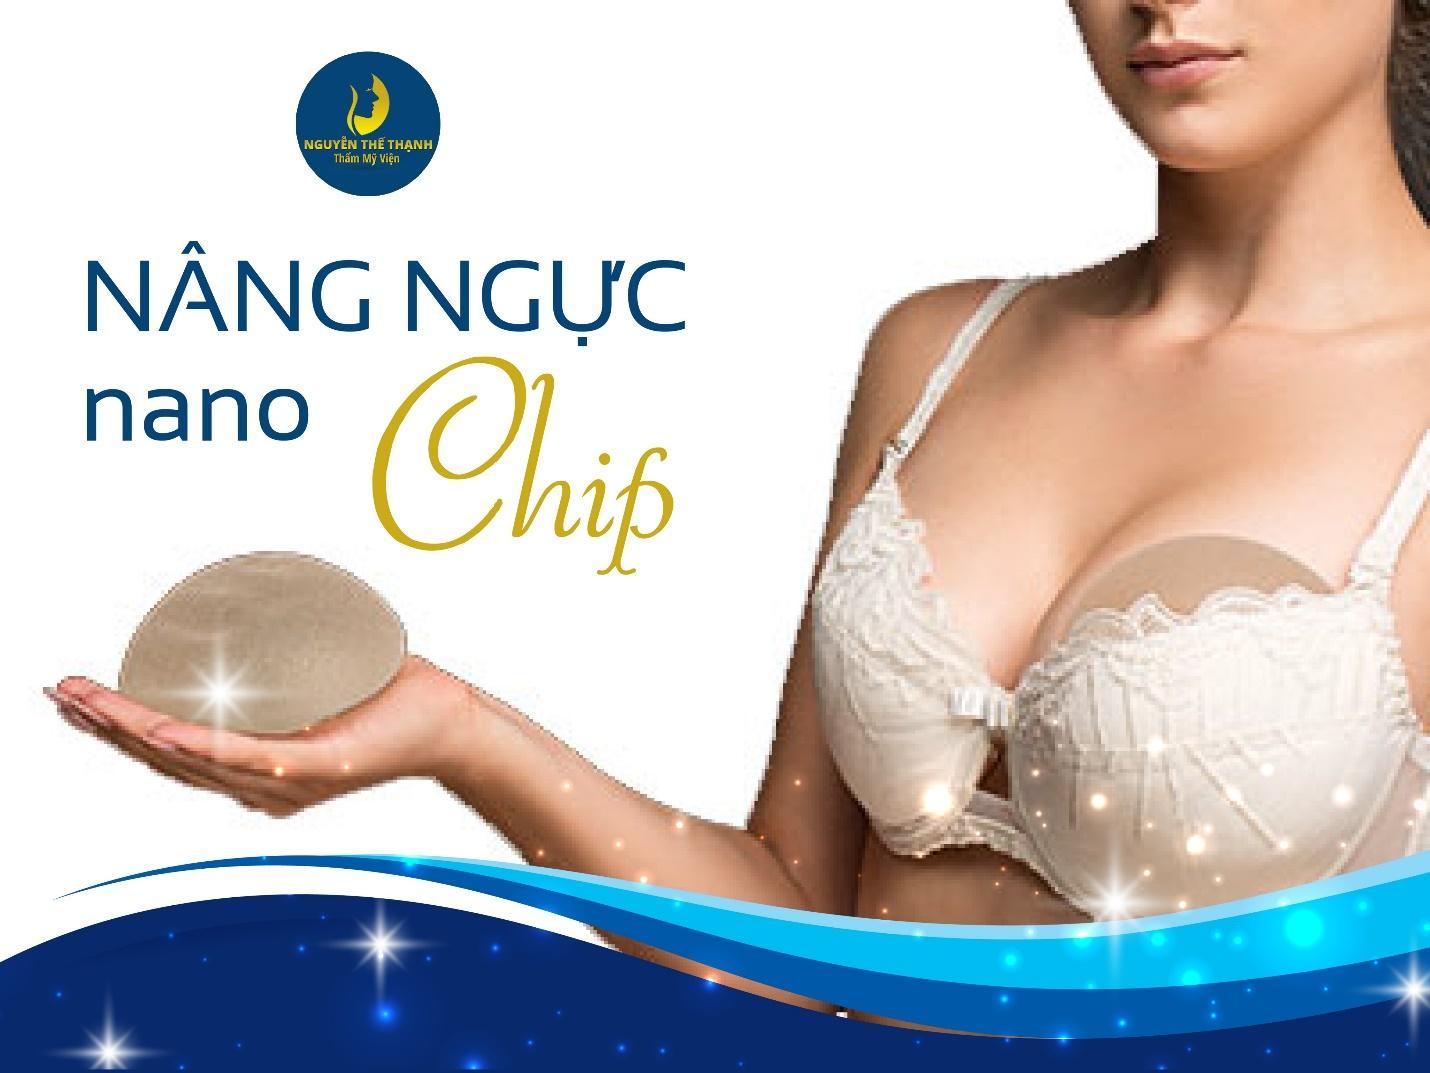 Ưu điểm của nâng ngực túi Nano Chip - Ảnh 1